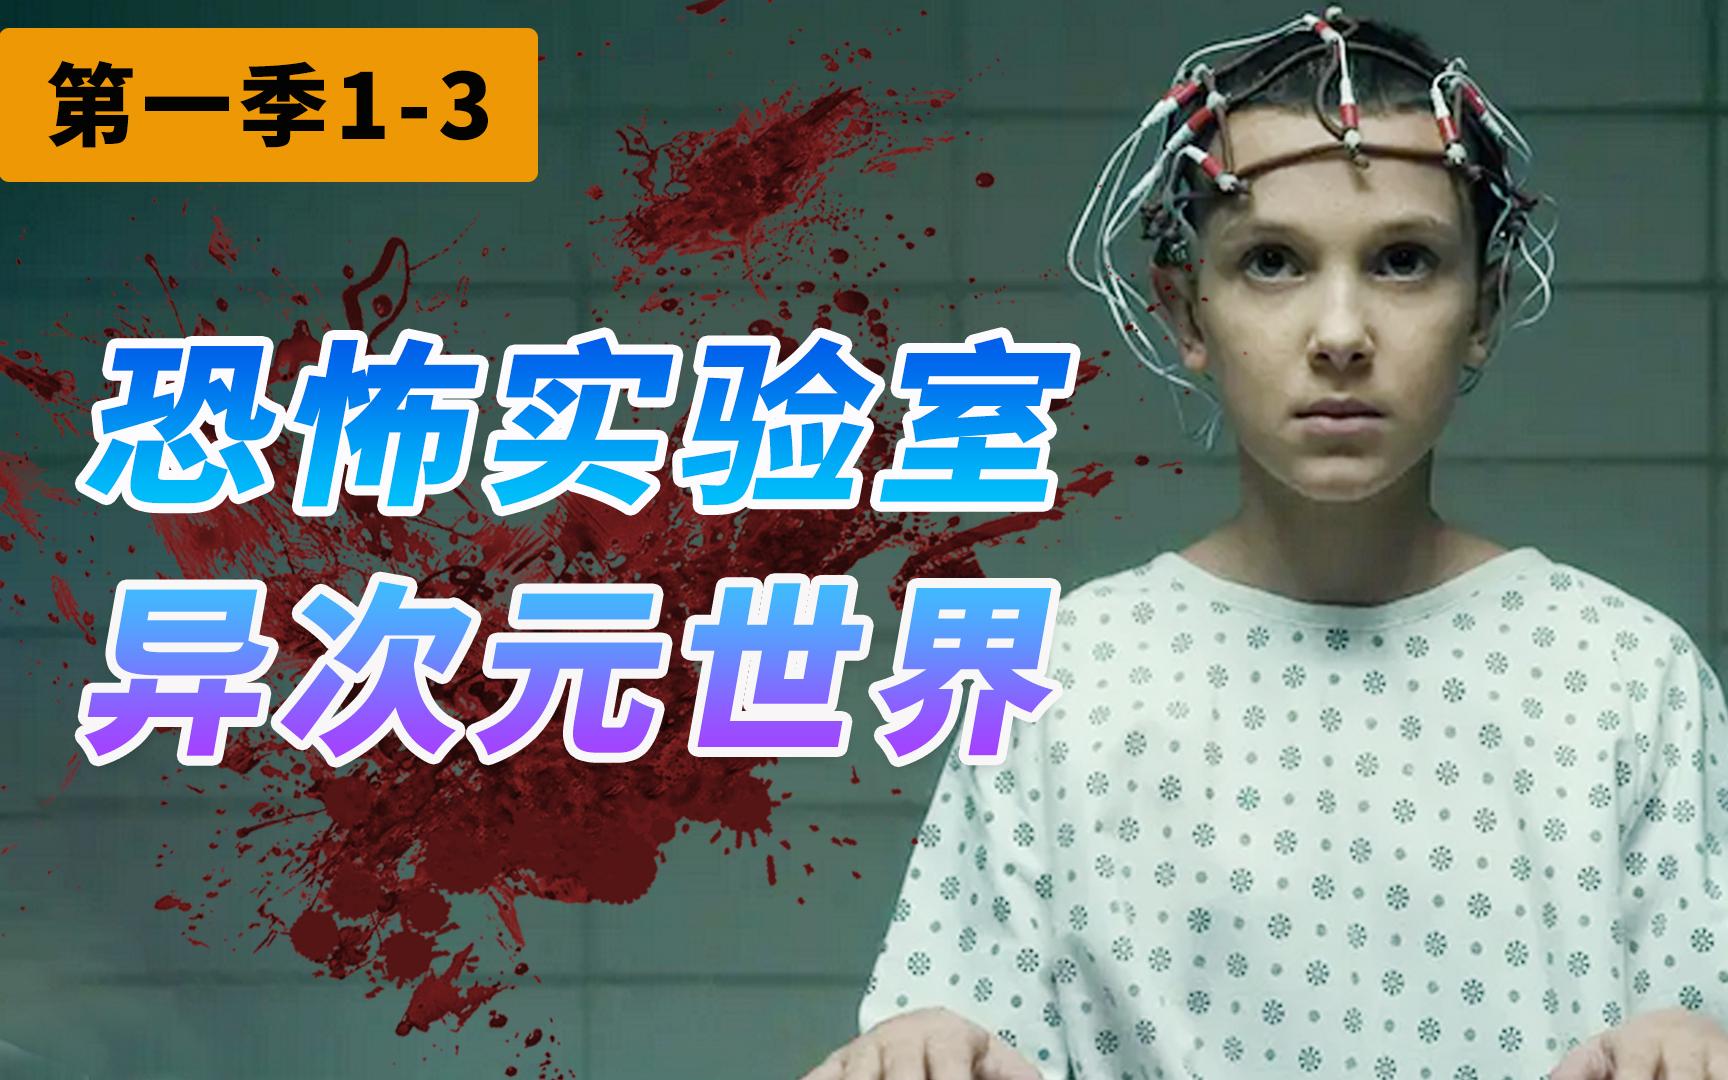 【阿斗】神秘实验室撕开异次元世界!Netflix 悬疑美剧《怪奇物语》第一季(1-3)